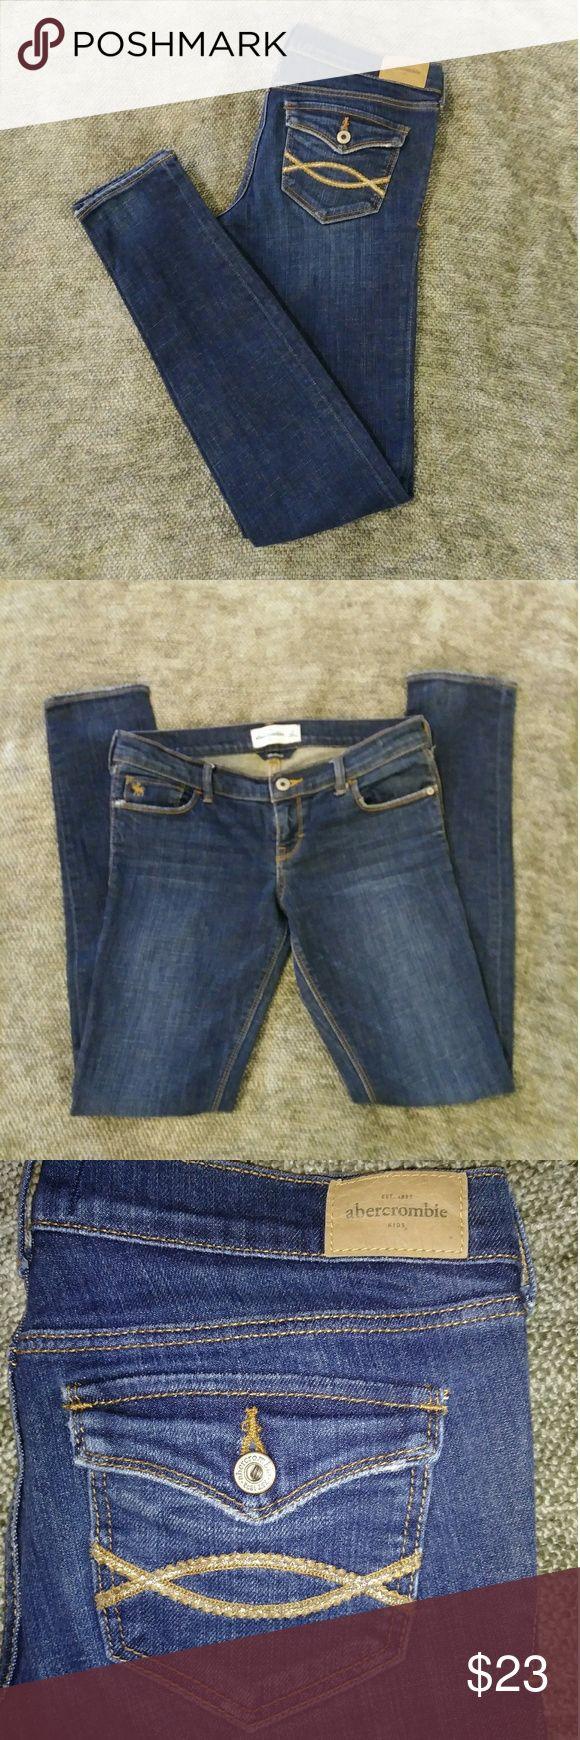 """Abercrombie Kids Skinny Jeans Size 16 Abercrombie kids skinny jeans size 16 very very lightly used!Cute stretch,low waist.Inseam 29.5"""",waist flat 14.5"""",leg bottom 3.75"""". abercrombie kids Bottoms Jeans"""